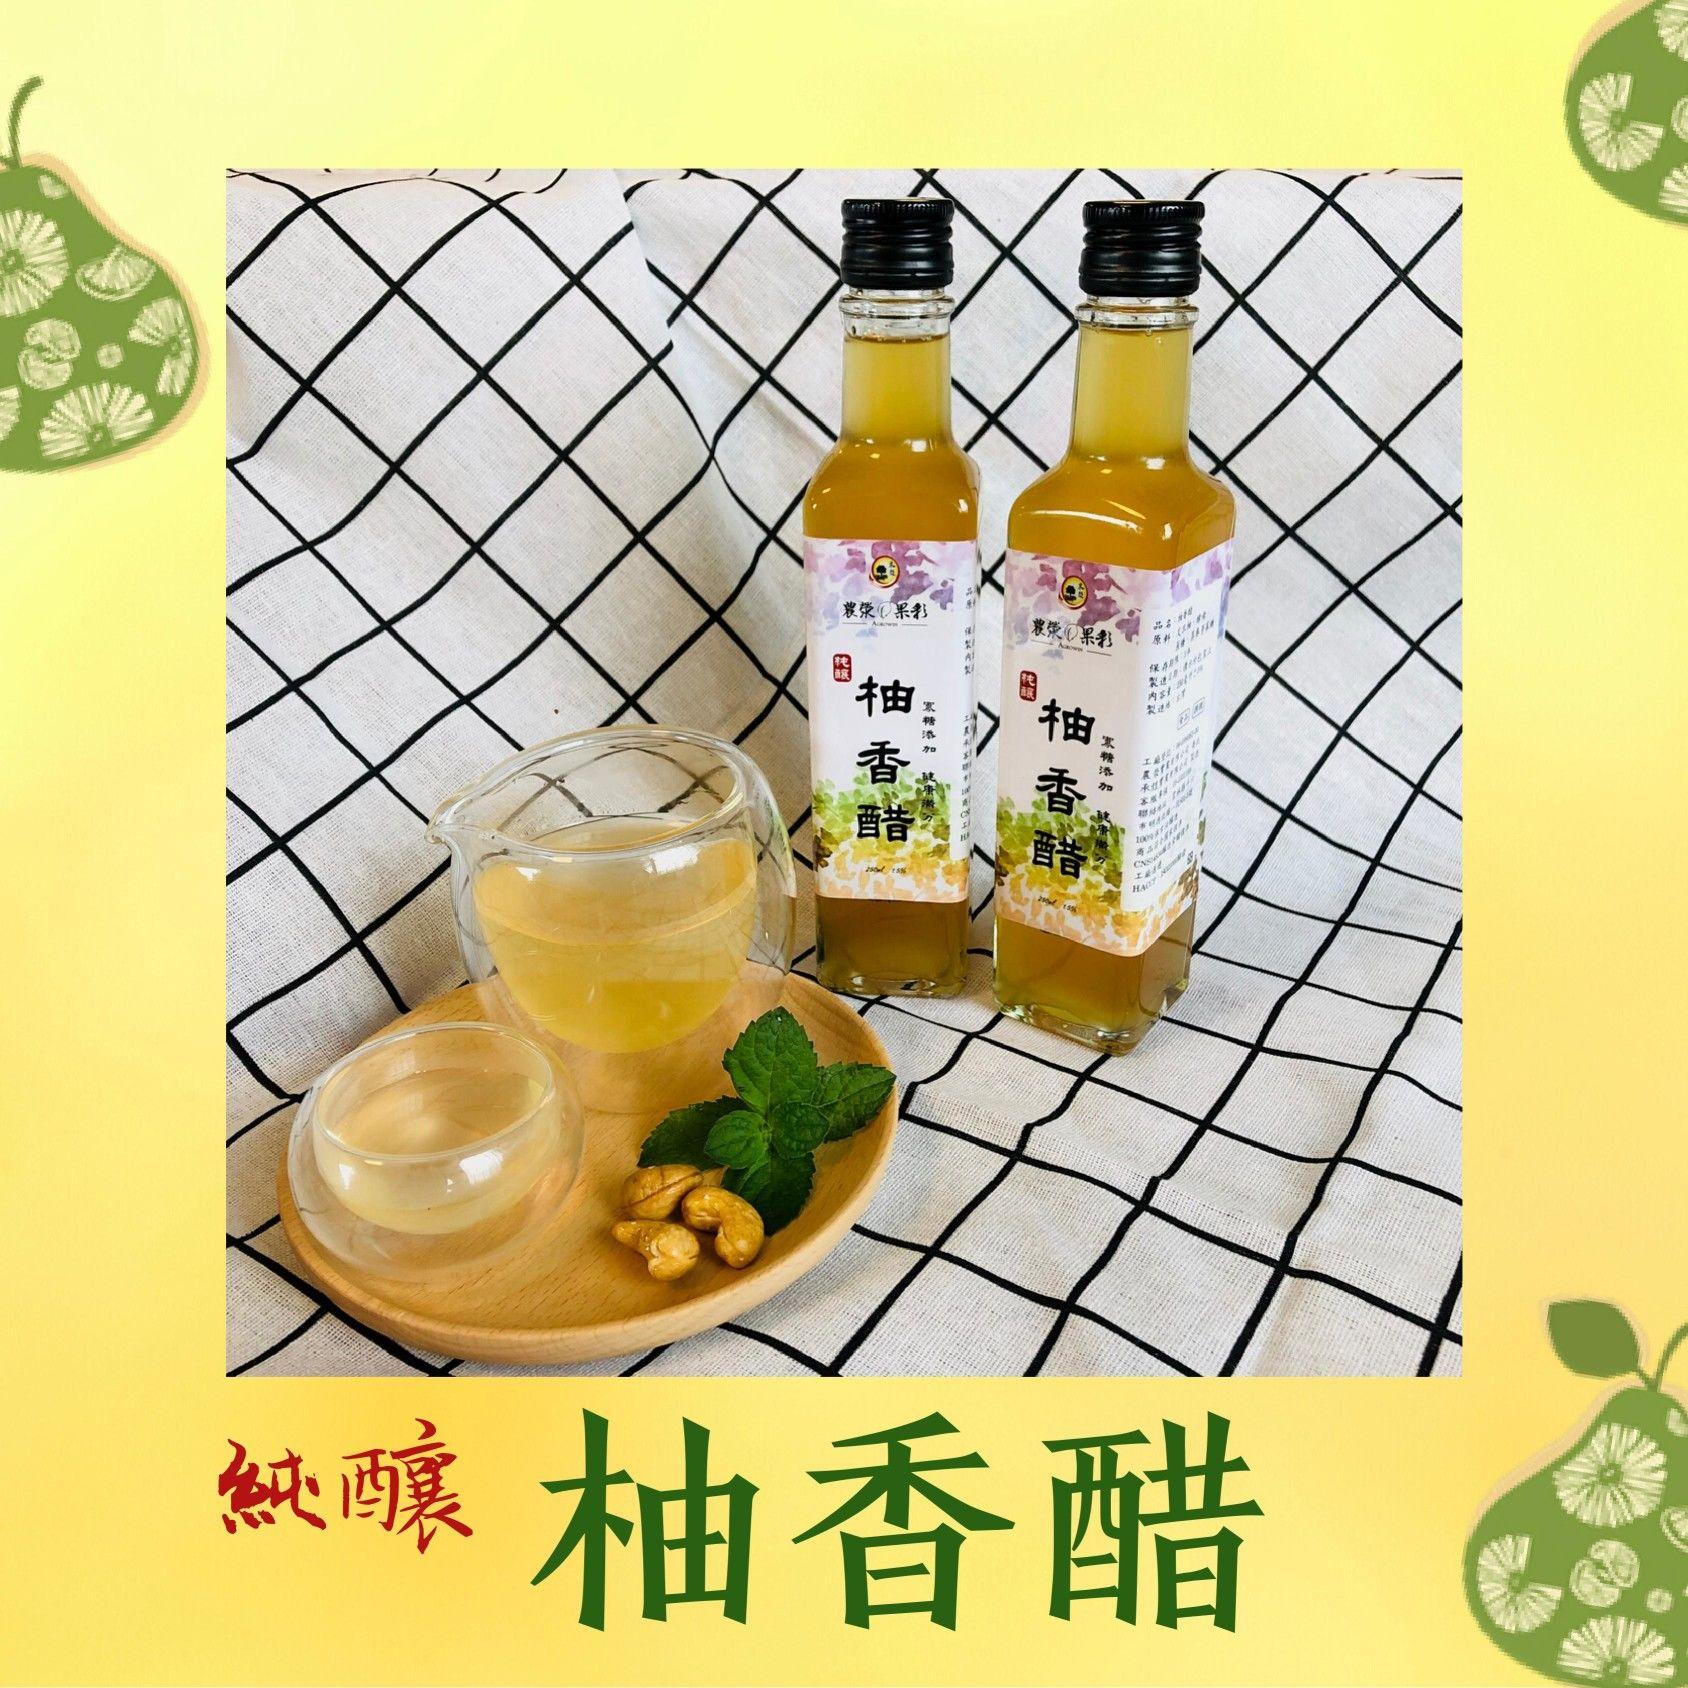 農滎果彩純釀柚香醋